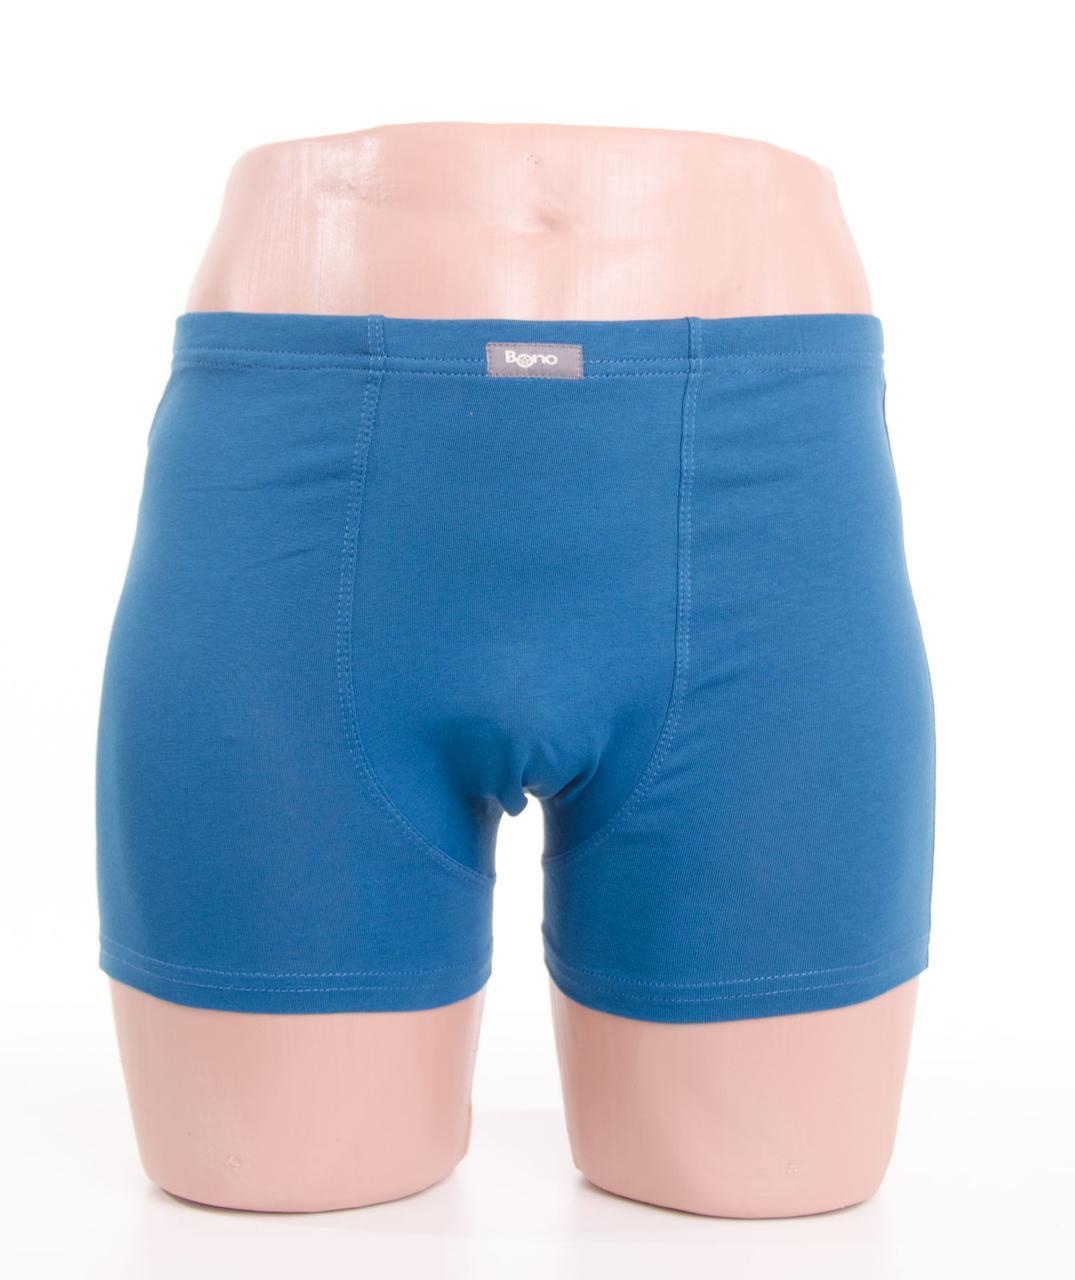 Bono Трусы шорты 950015